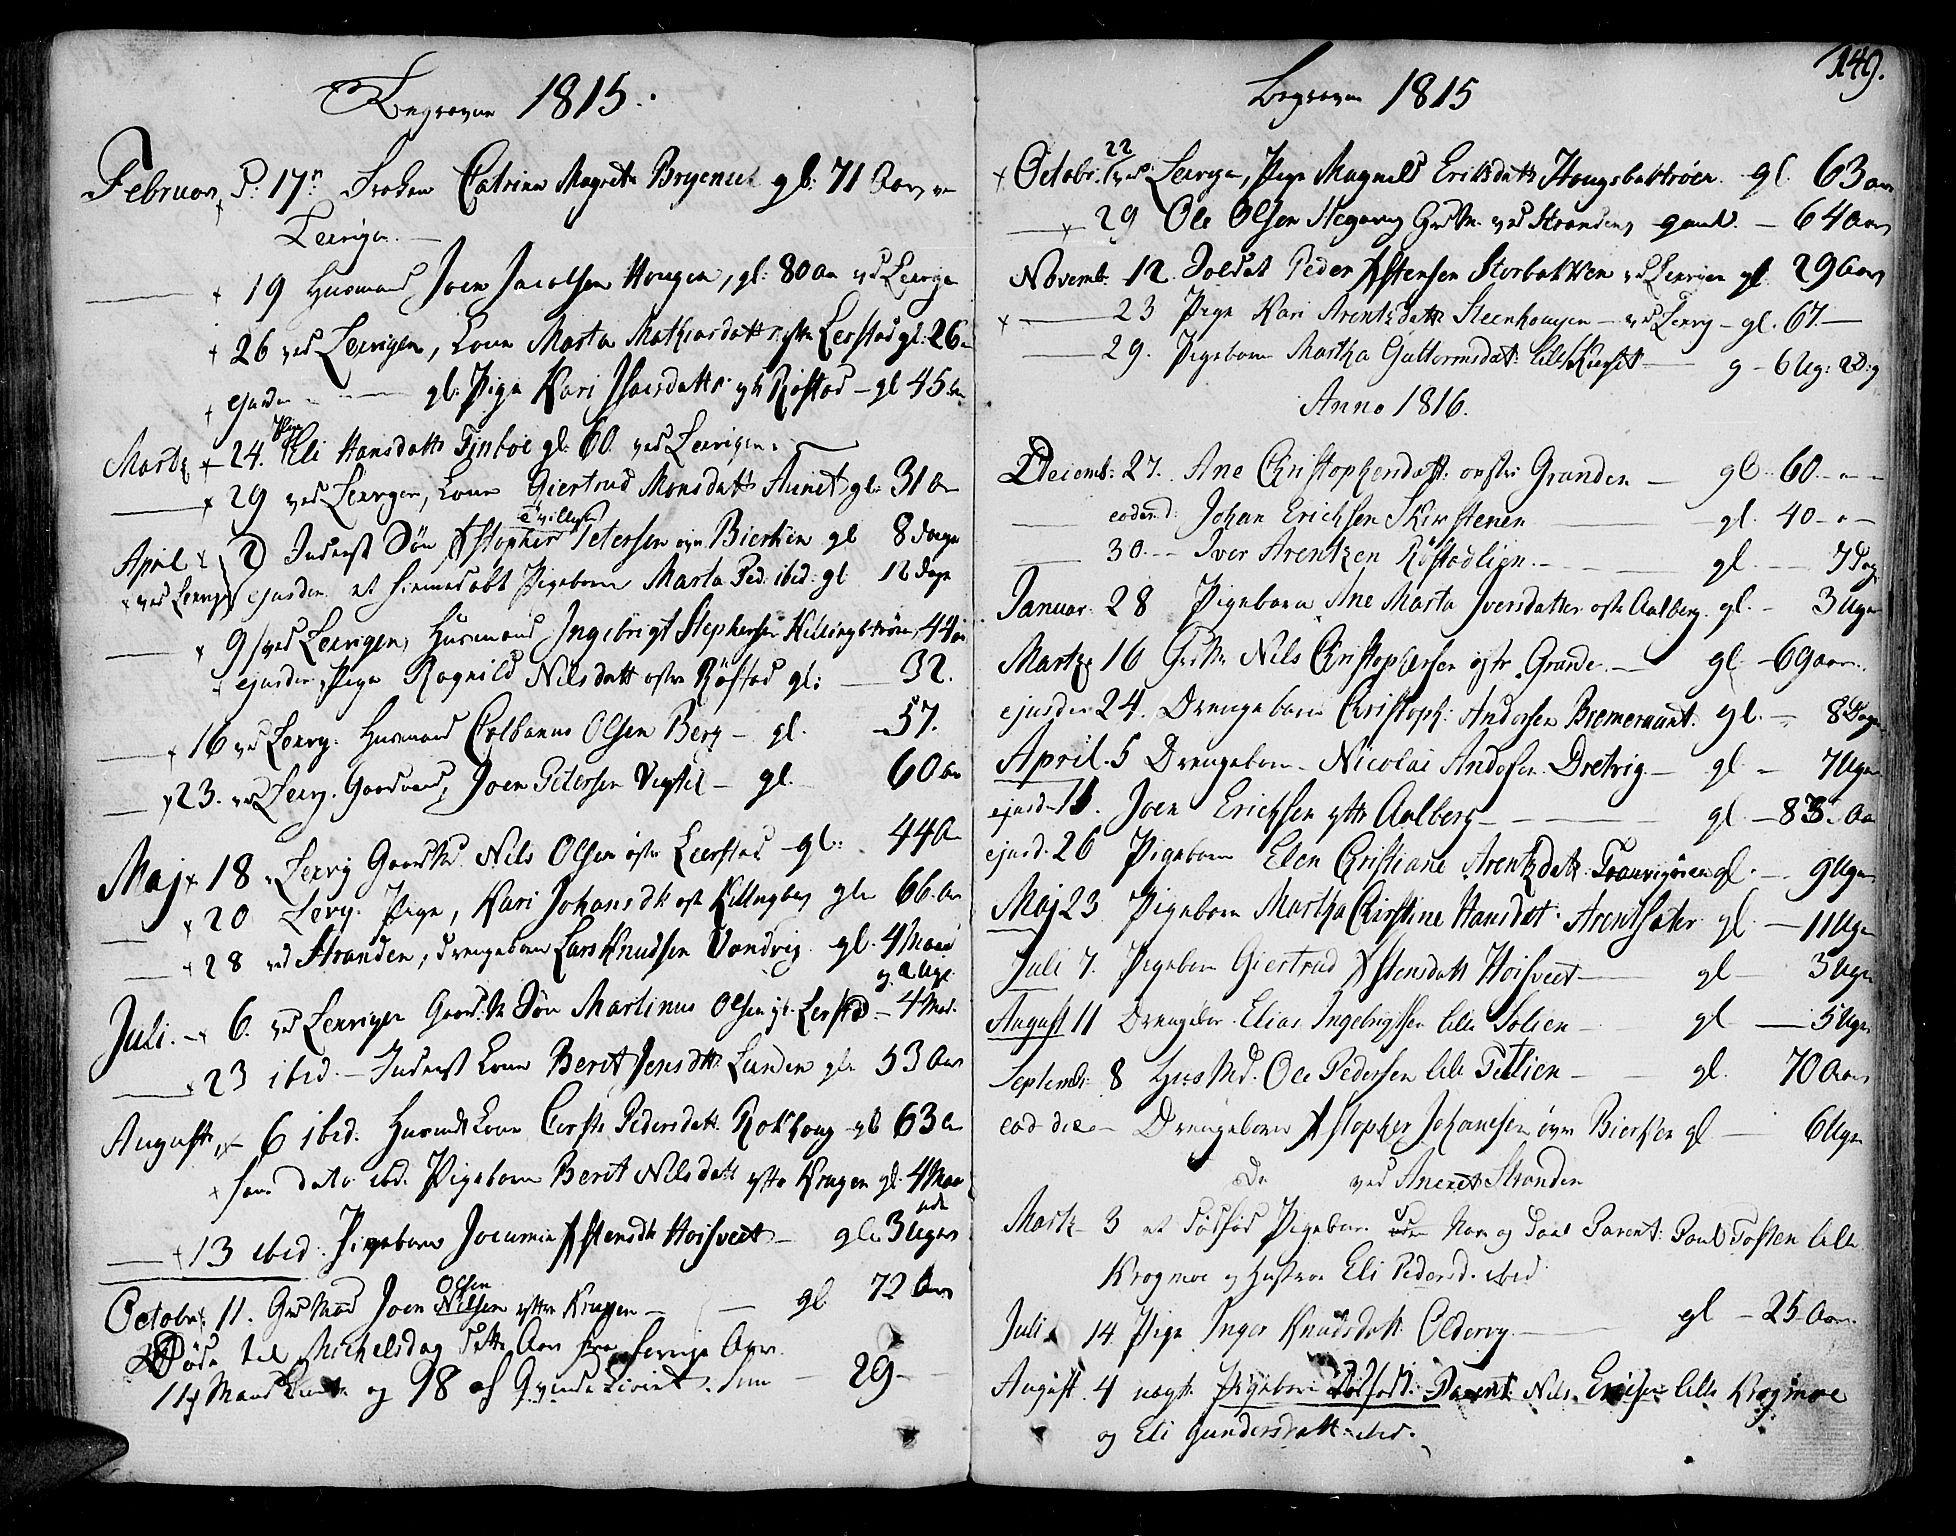 SAT, Ministerialprotokoller, klokkerbøker og fødselsregistre - Nord-Trøndelag, 701/L0004: Ministerialbok nr. 701A04, 1783-1816, s. 149